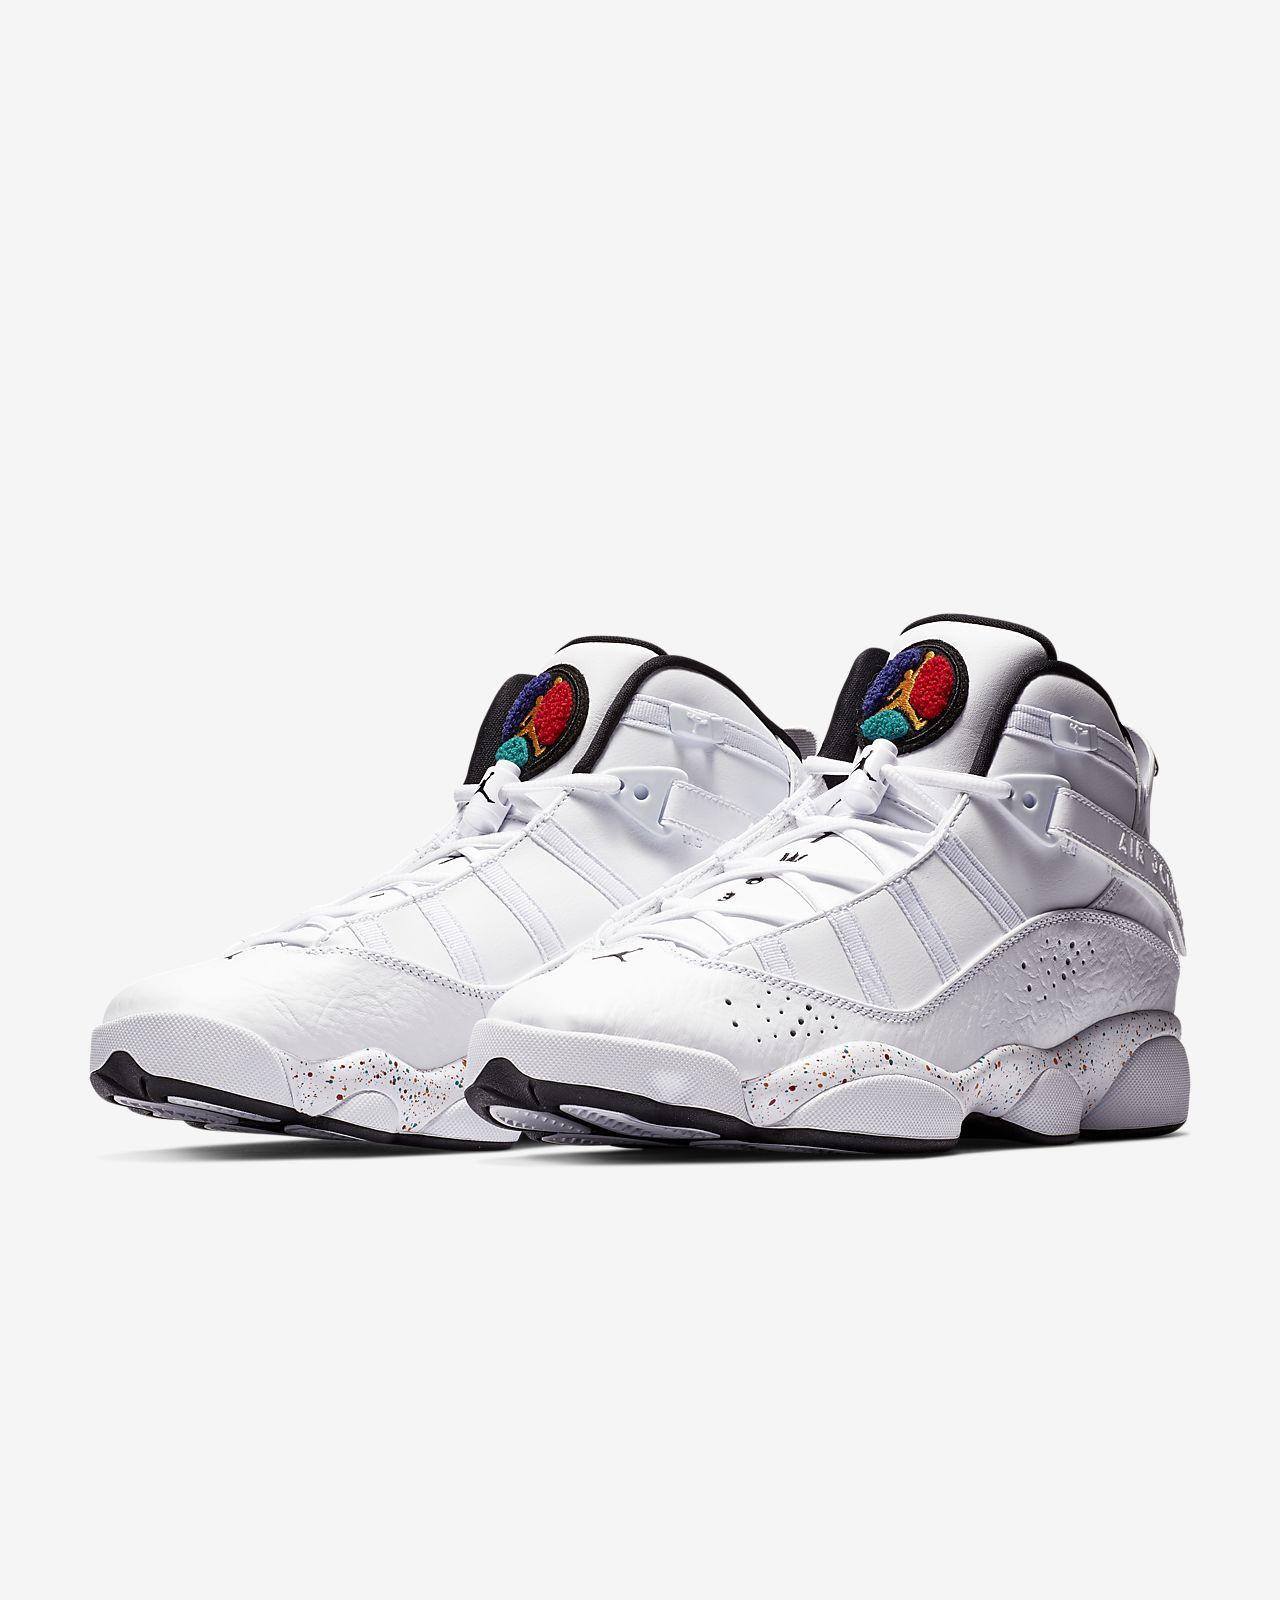 ddd9ff230588e7 Sko Jordan 6 Rings för män. Nike.com SE